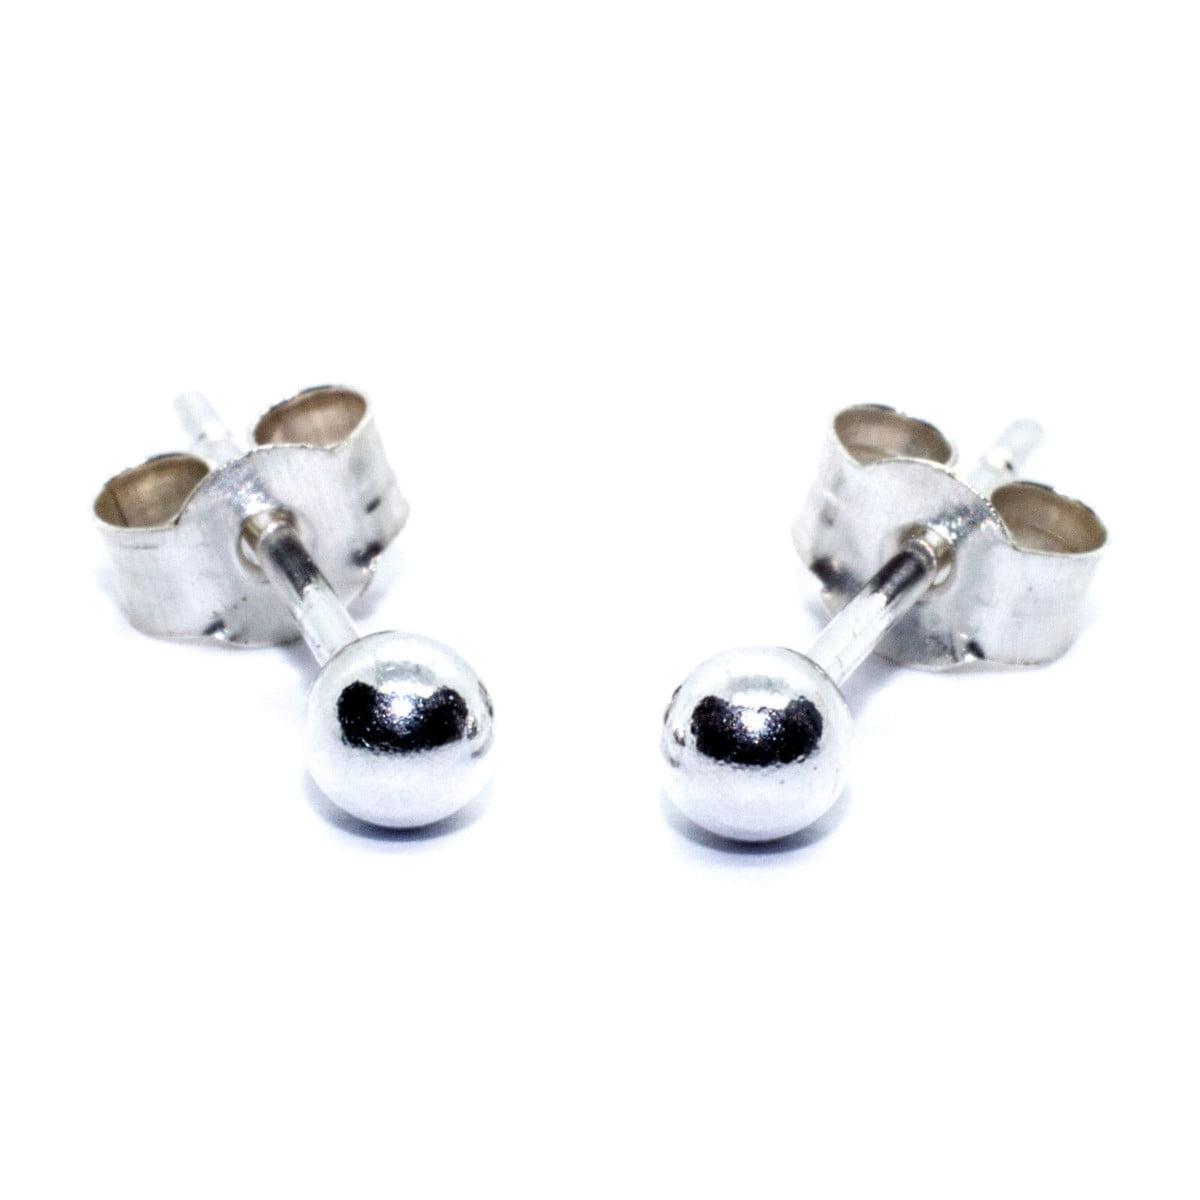 3 mm ball stud earrings in sterling silver 1